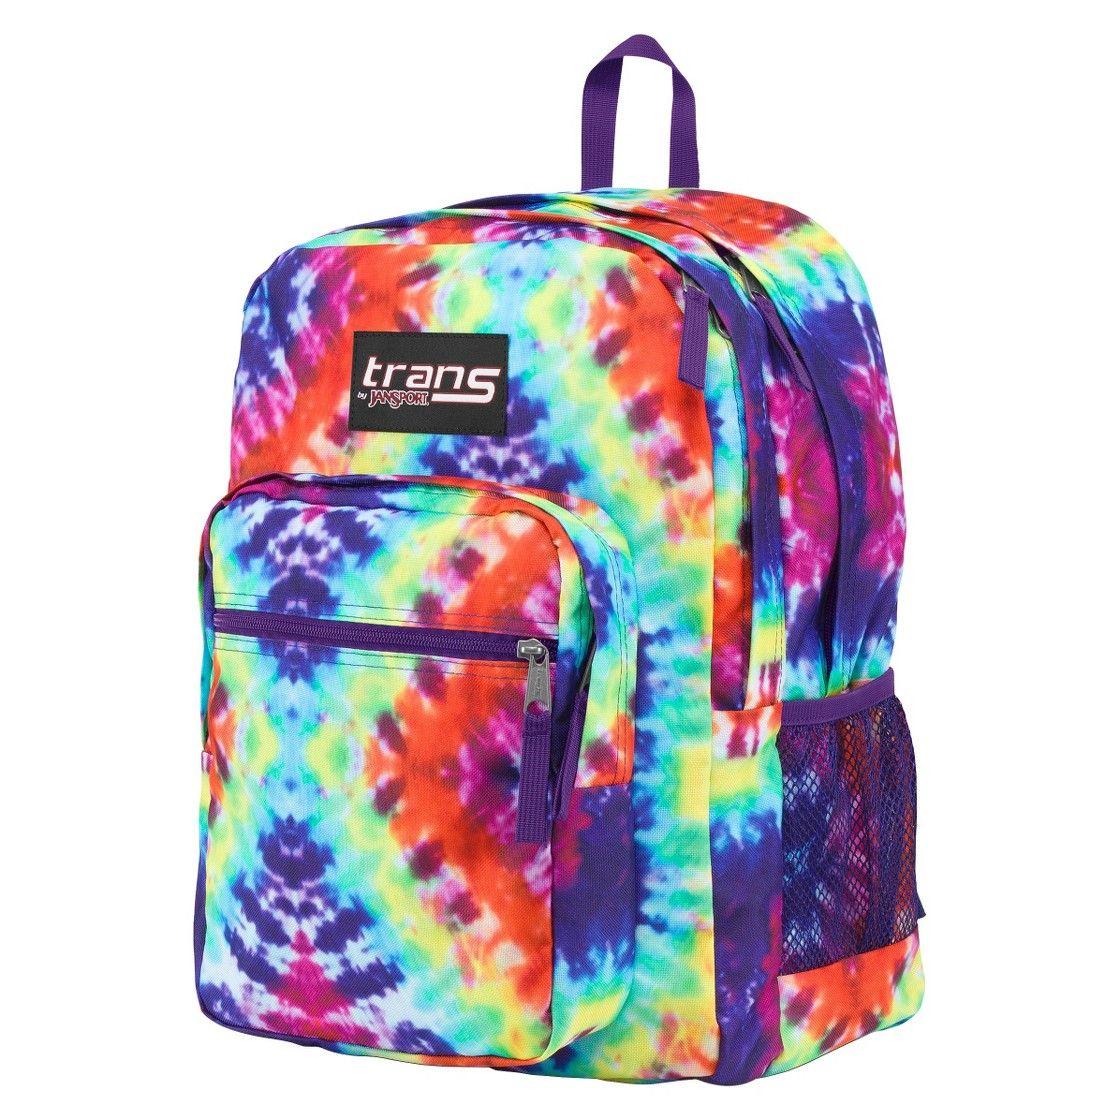 Jansport Backpacks Target